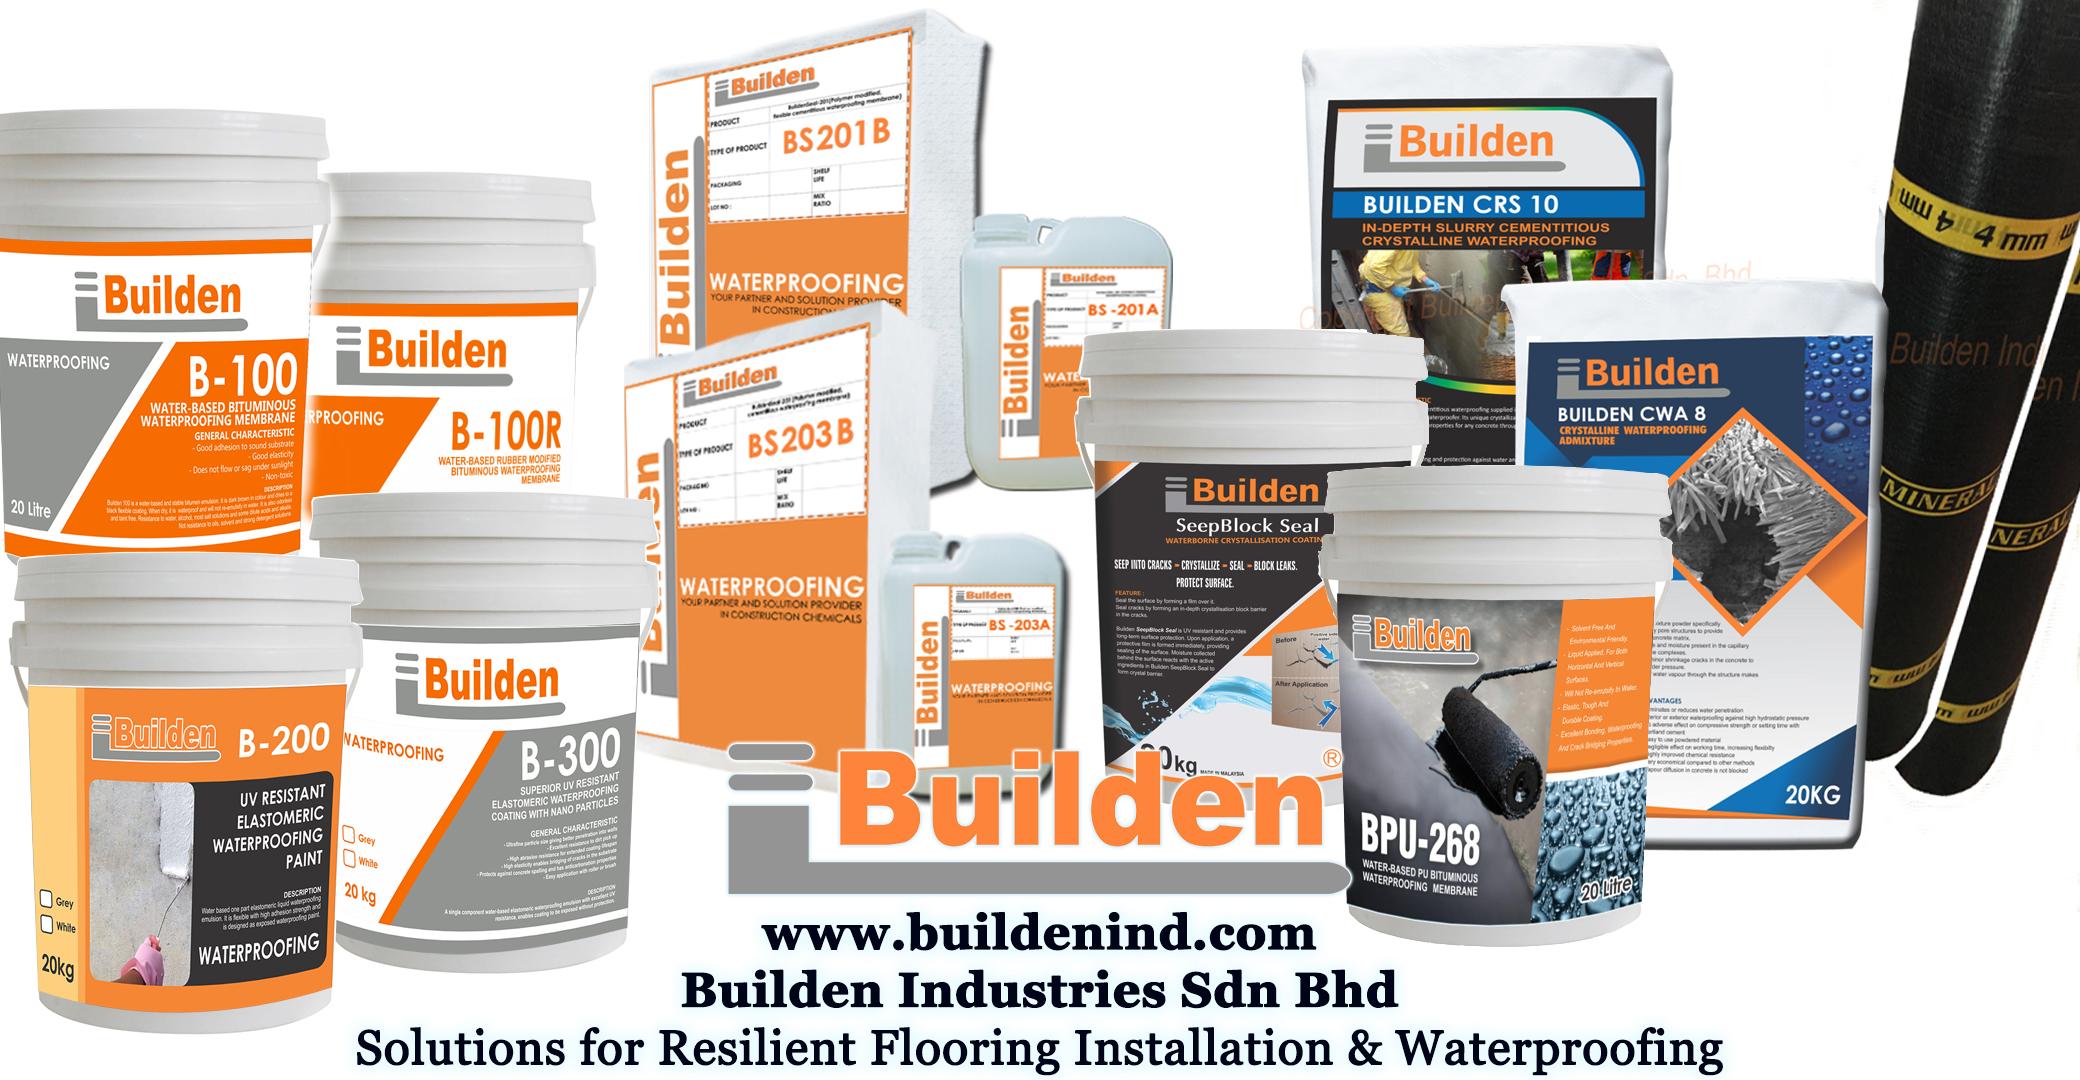 Builden Waterproofing